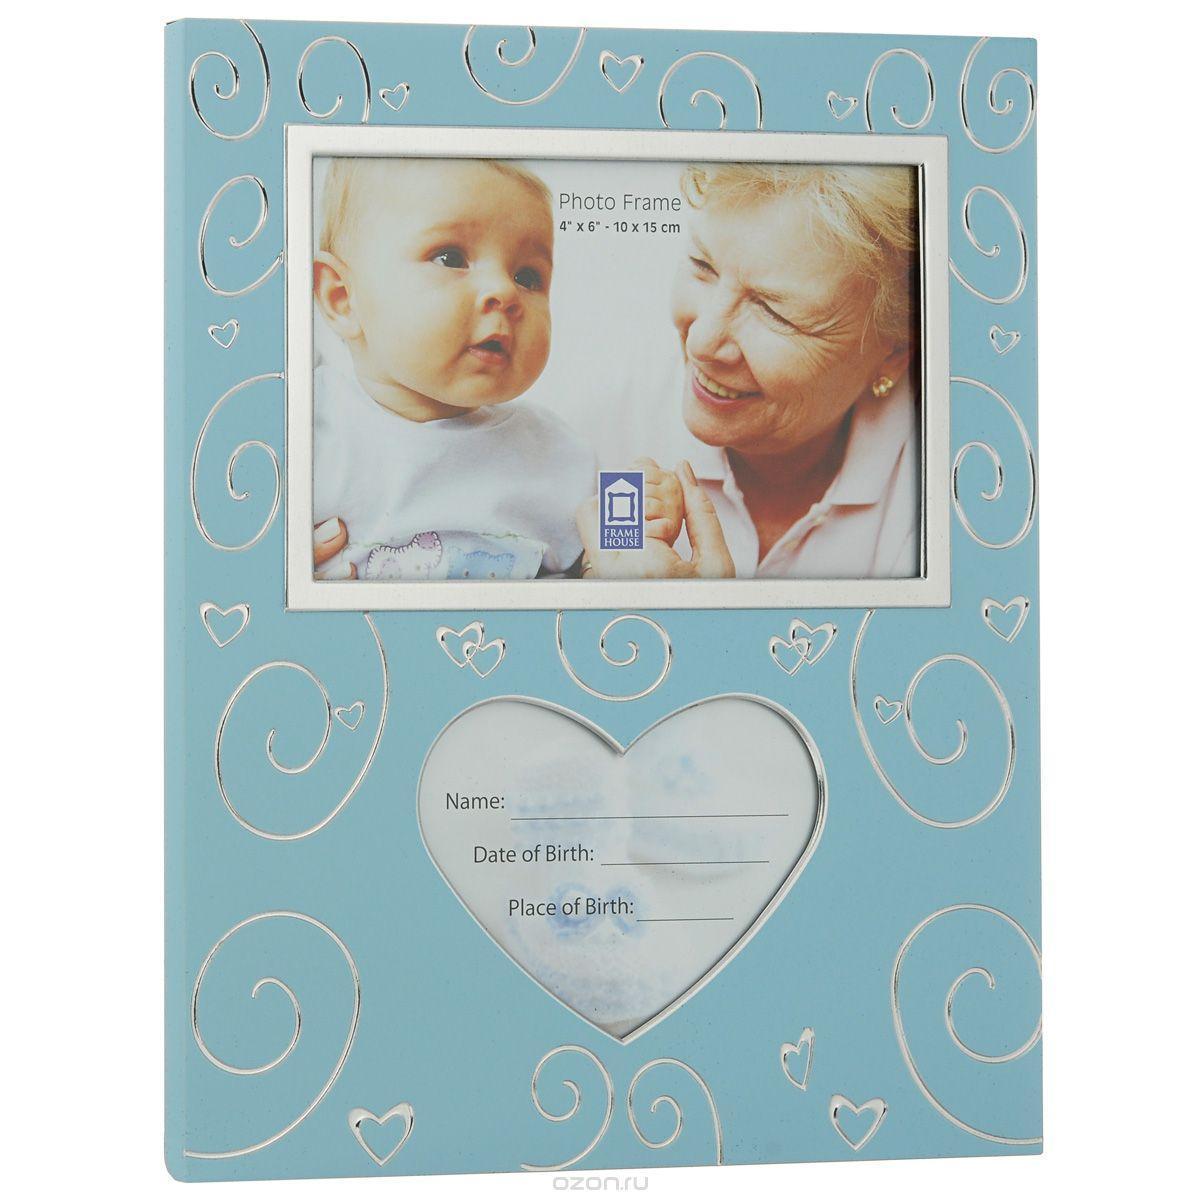 ФоторамкаPATA T8715N 10X15 для мальчиковБрелок для ключейФоторамка PATA - прекрасный способ красиво оформить фотографию вашего малыша. Фоторамка выполнена из металла, покрытого краской голубого цвета, и украшена красивым рельефом. Внизу расположено поле в виде сердечка для записи имени, даты рождения и места рождения вашего ребенка. Фоторамку можно поставить на стол с помощью специальной ножки или подвесить на стену, для чего с задней стороны предусмотрены отверстия. Такая фоторамка поможет сохранить на память самые яркие моменты вашей жизни, а стильный дизайн сделает ее прекрасным дополнением интерьера комнаты.